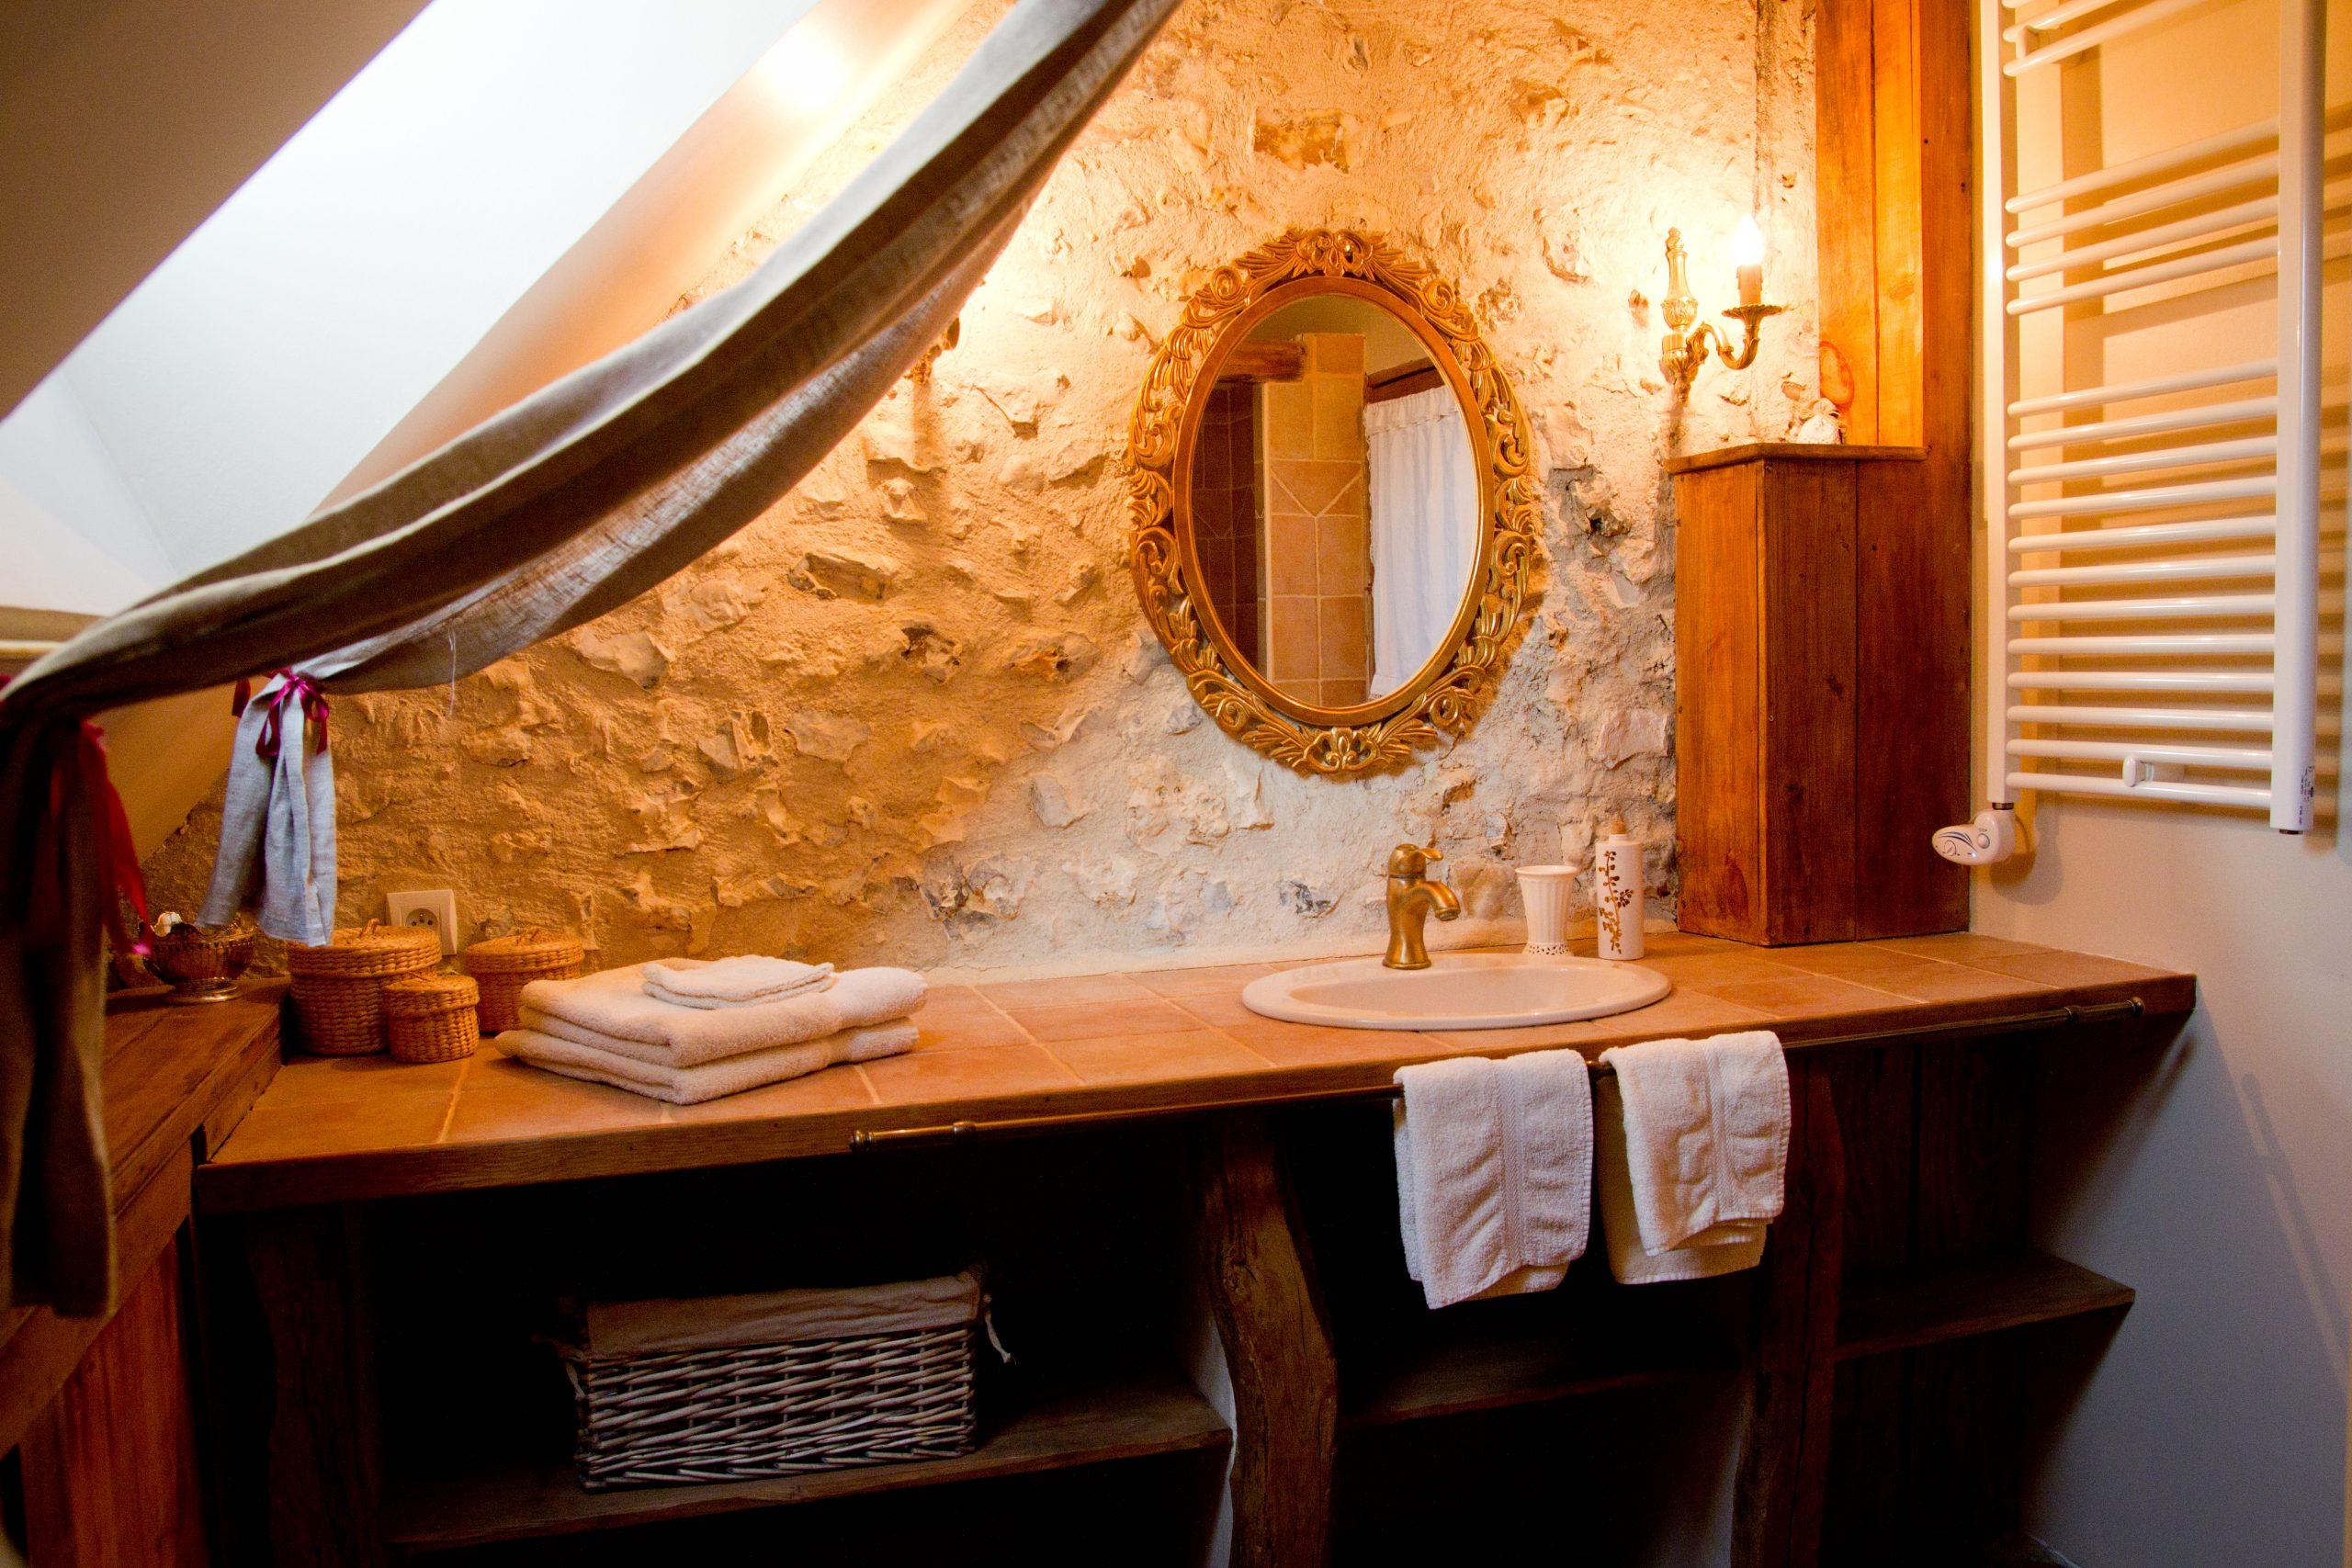 Salle de bain chambres d'hôtes Ferme des Ruelles